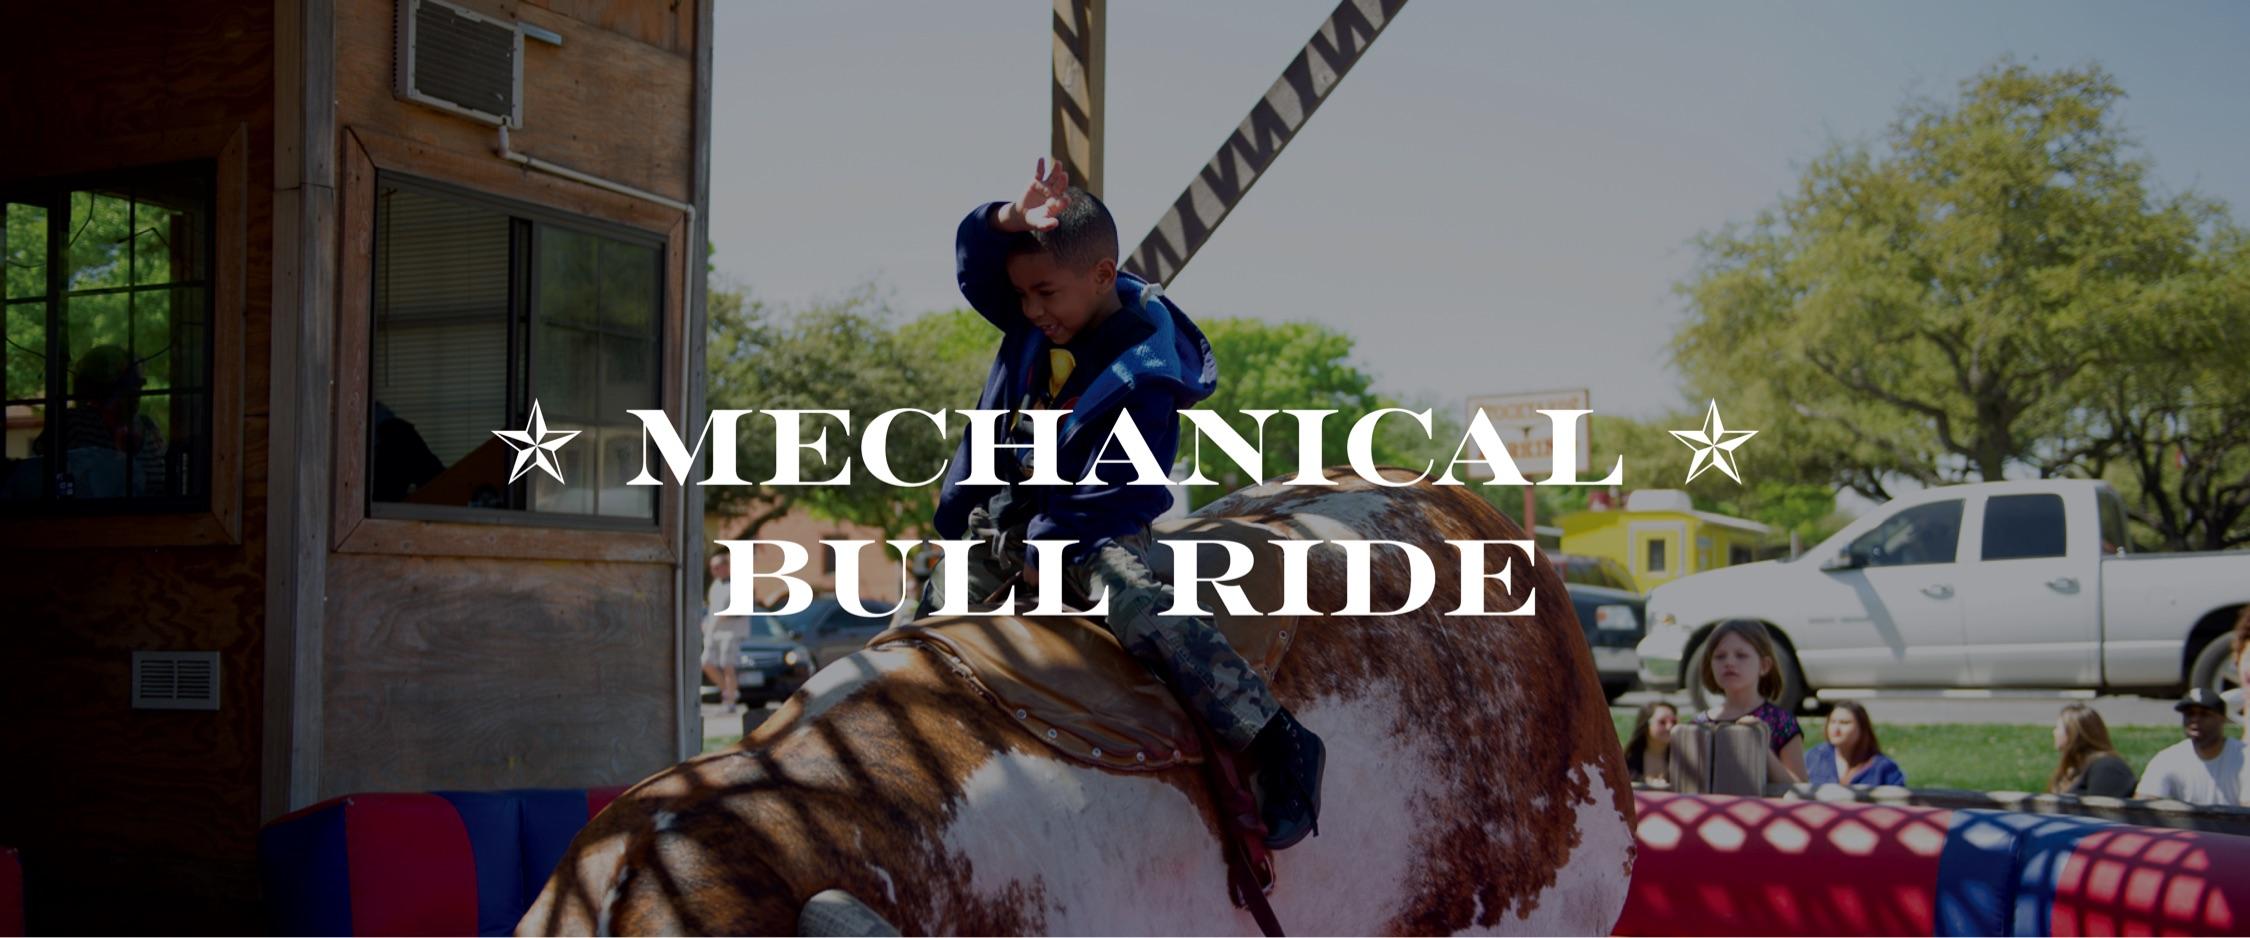 Mechanical Bull Ride Fort Worth Stockyards